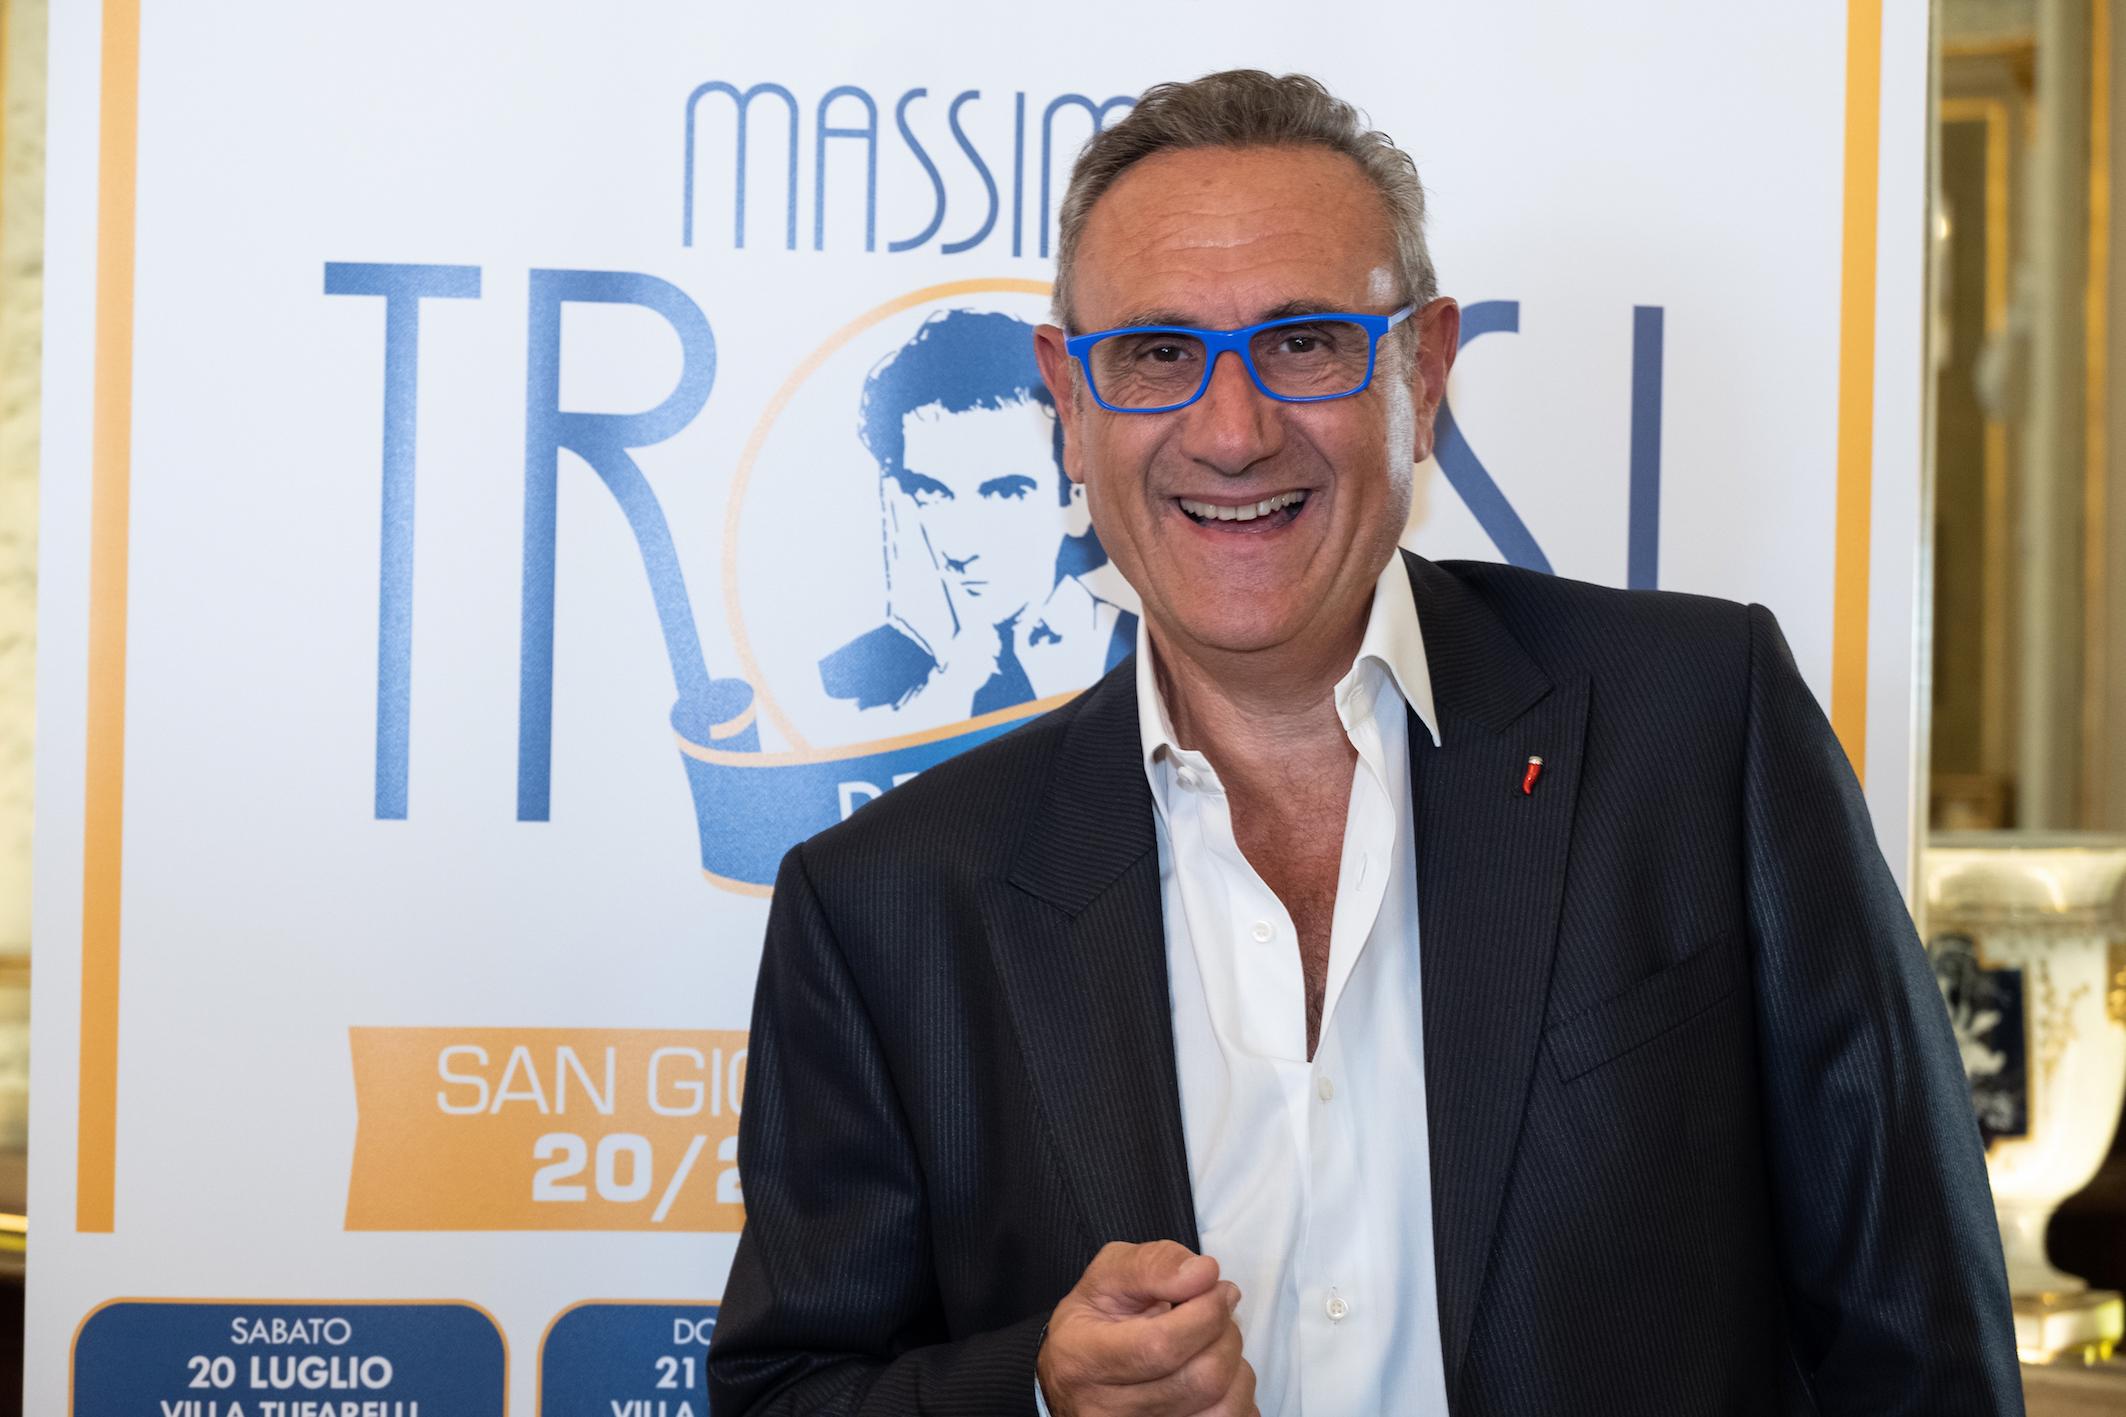 XIX Premio Massimo Troisi: a San Giorgio a Cremano